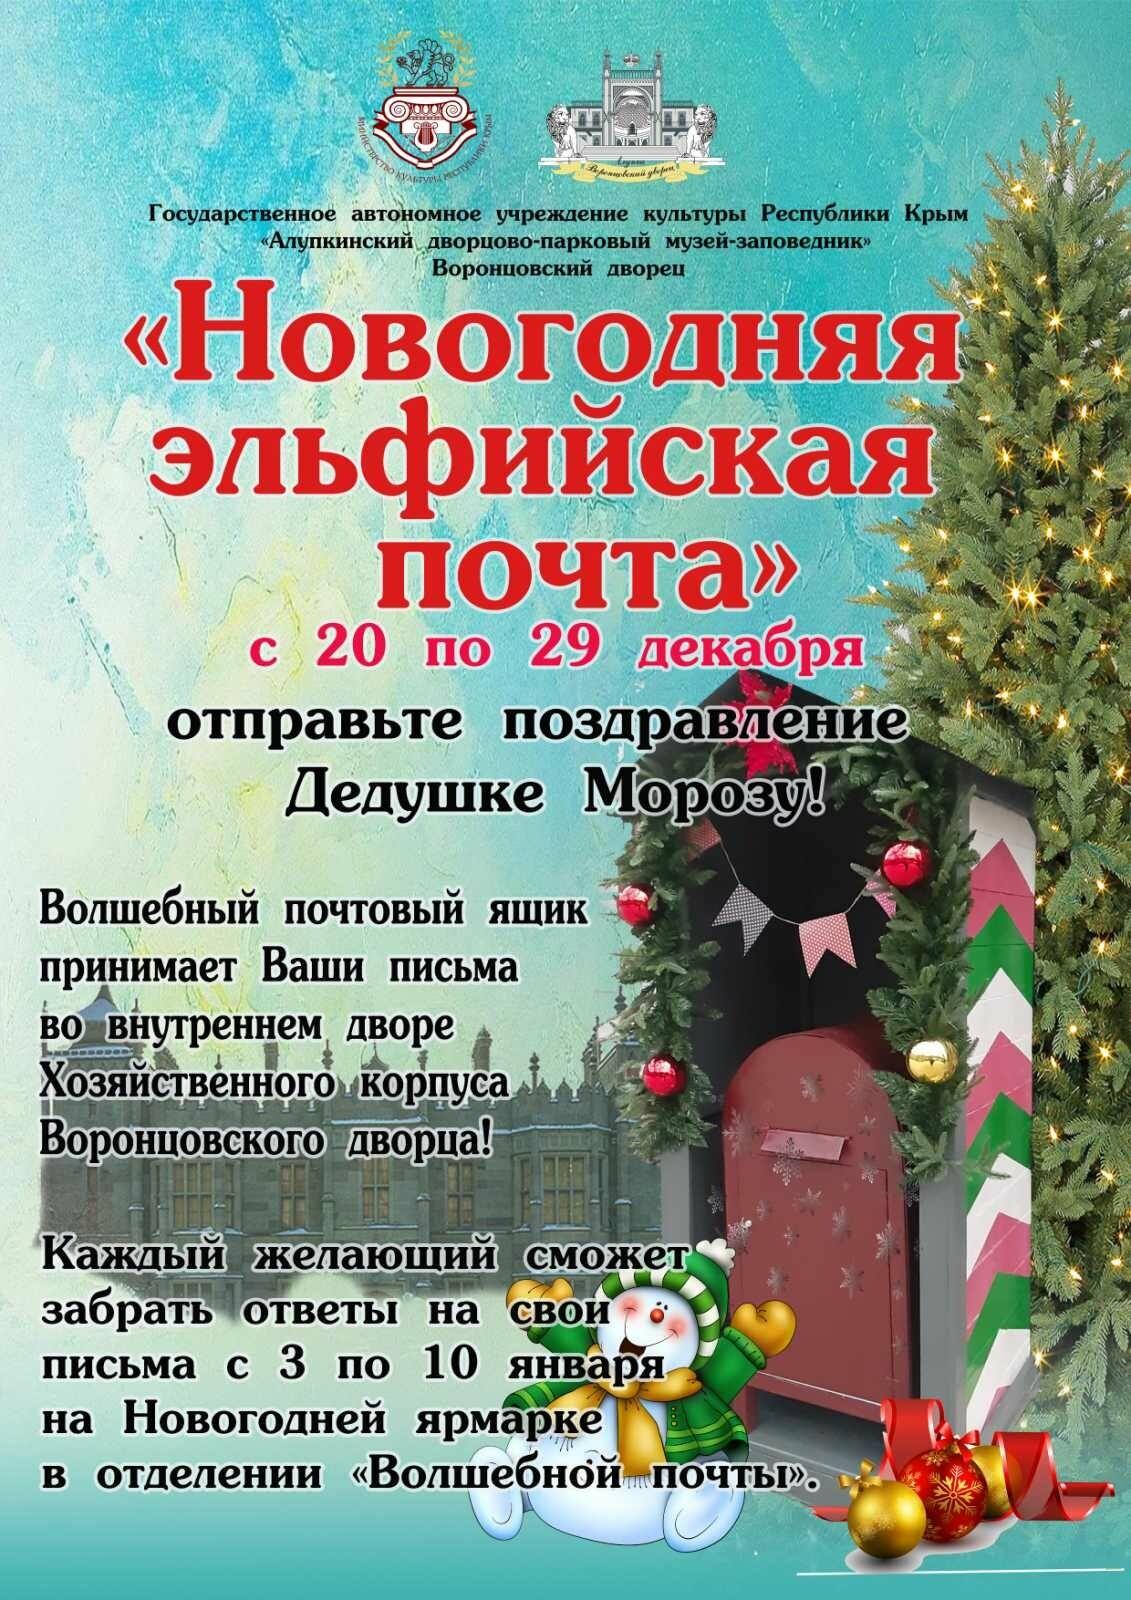 """В Воронцовском дворце работает """"Новогодняя эльфийская почта"""", фото-1"""